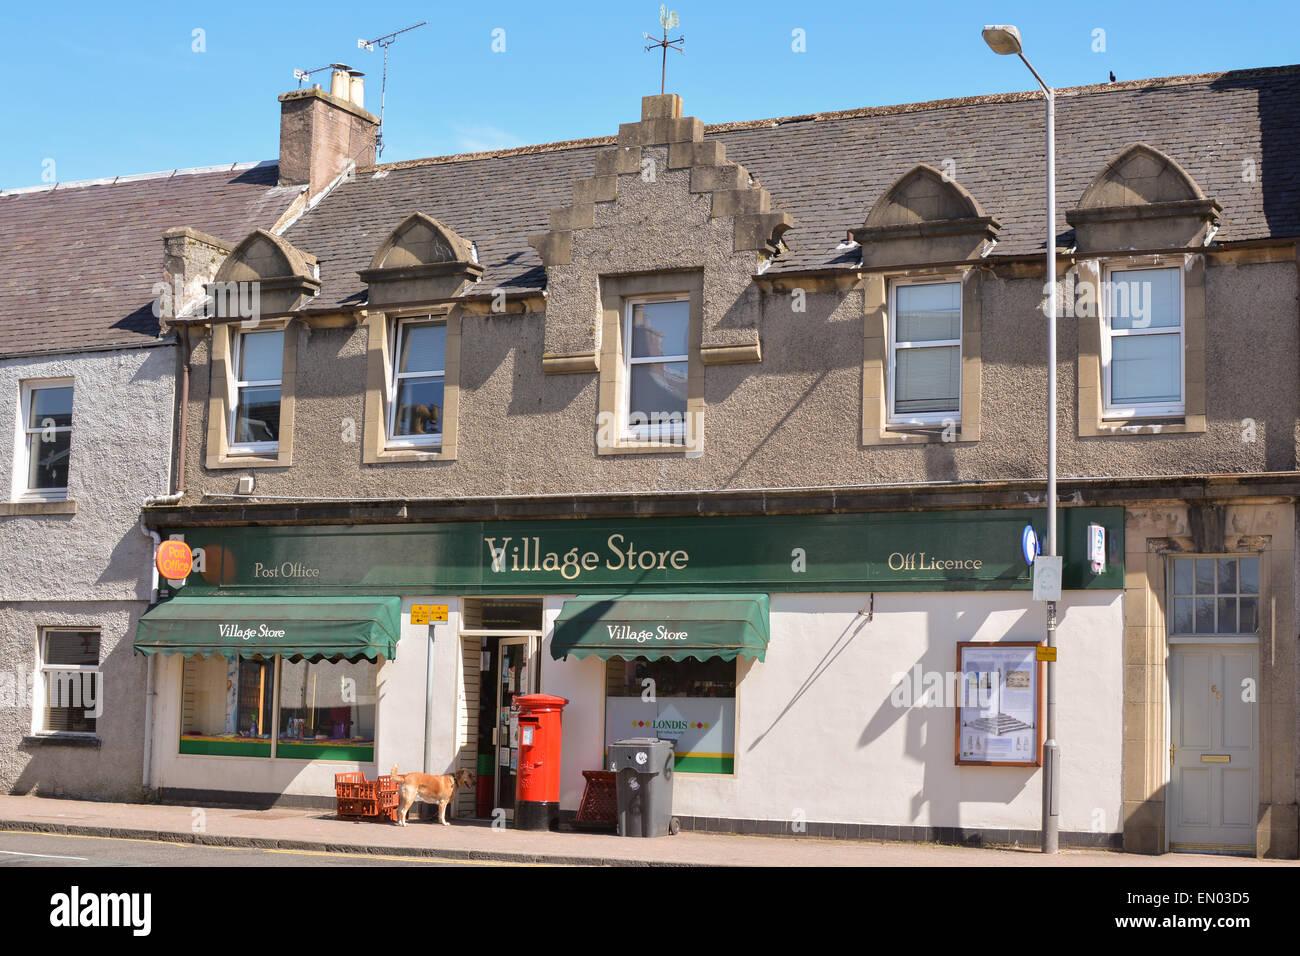 DOUNE, Stirling, Escocia, Reino Unido - 23 de abril de 2015: Village Store, licencia y una oficina de correos en Imagen De Stock